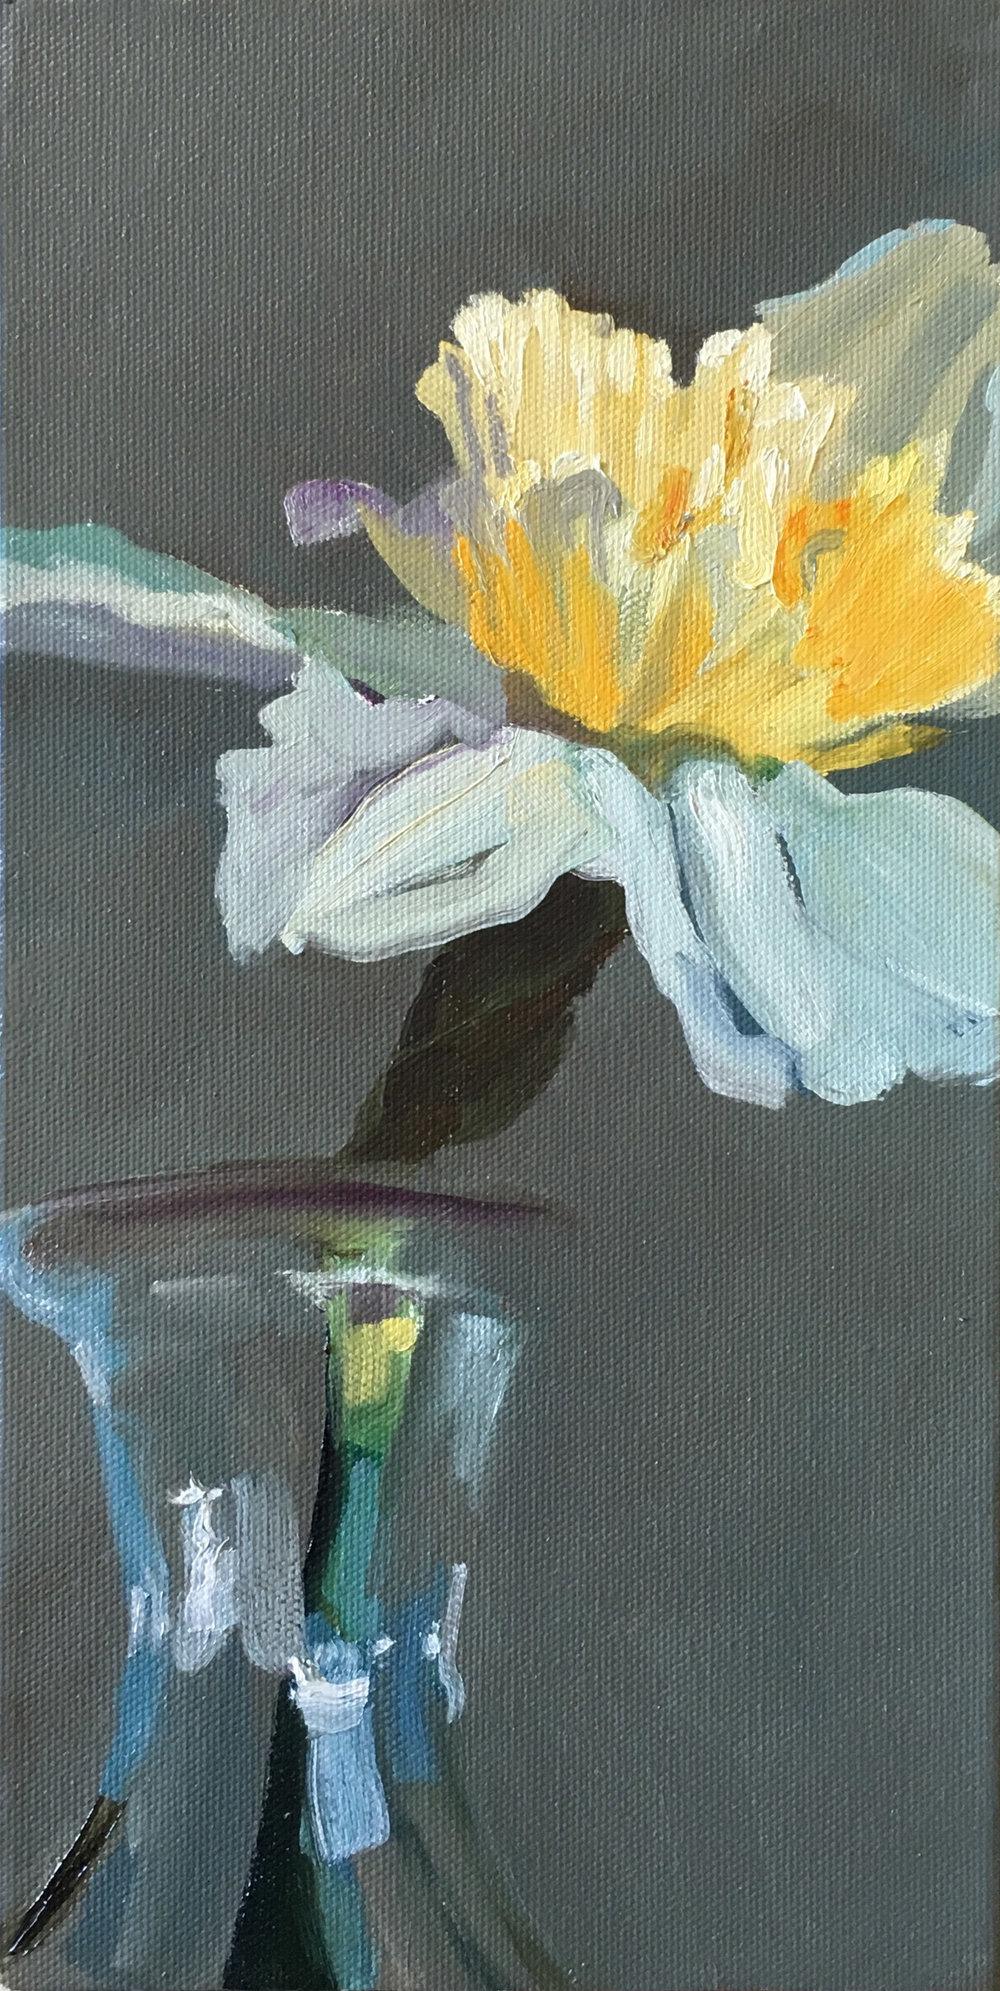 Daffodil Study 1